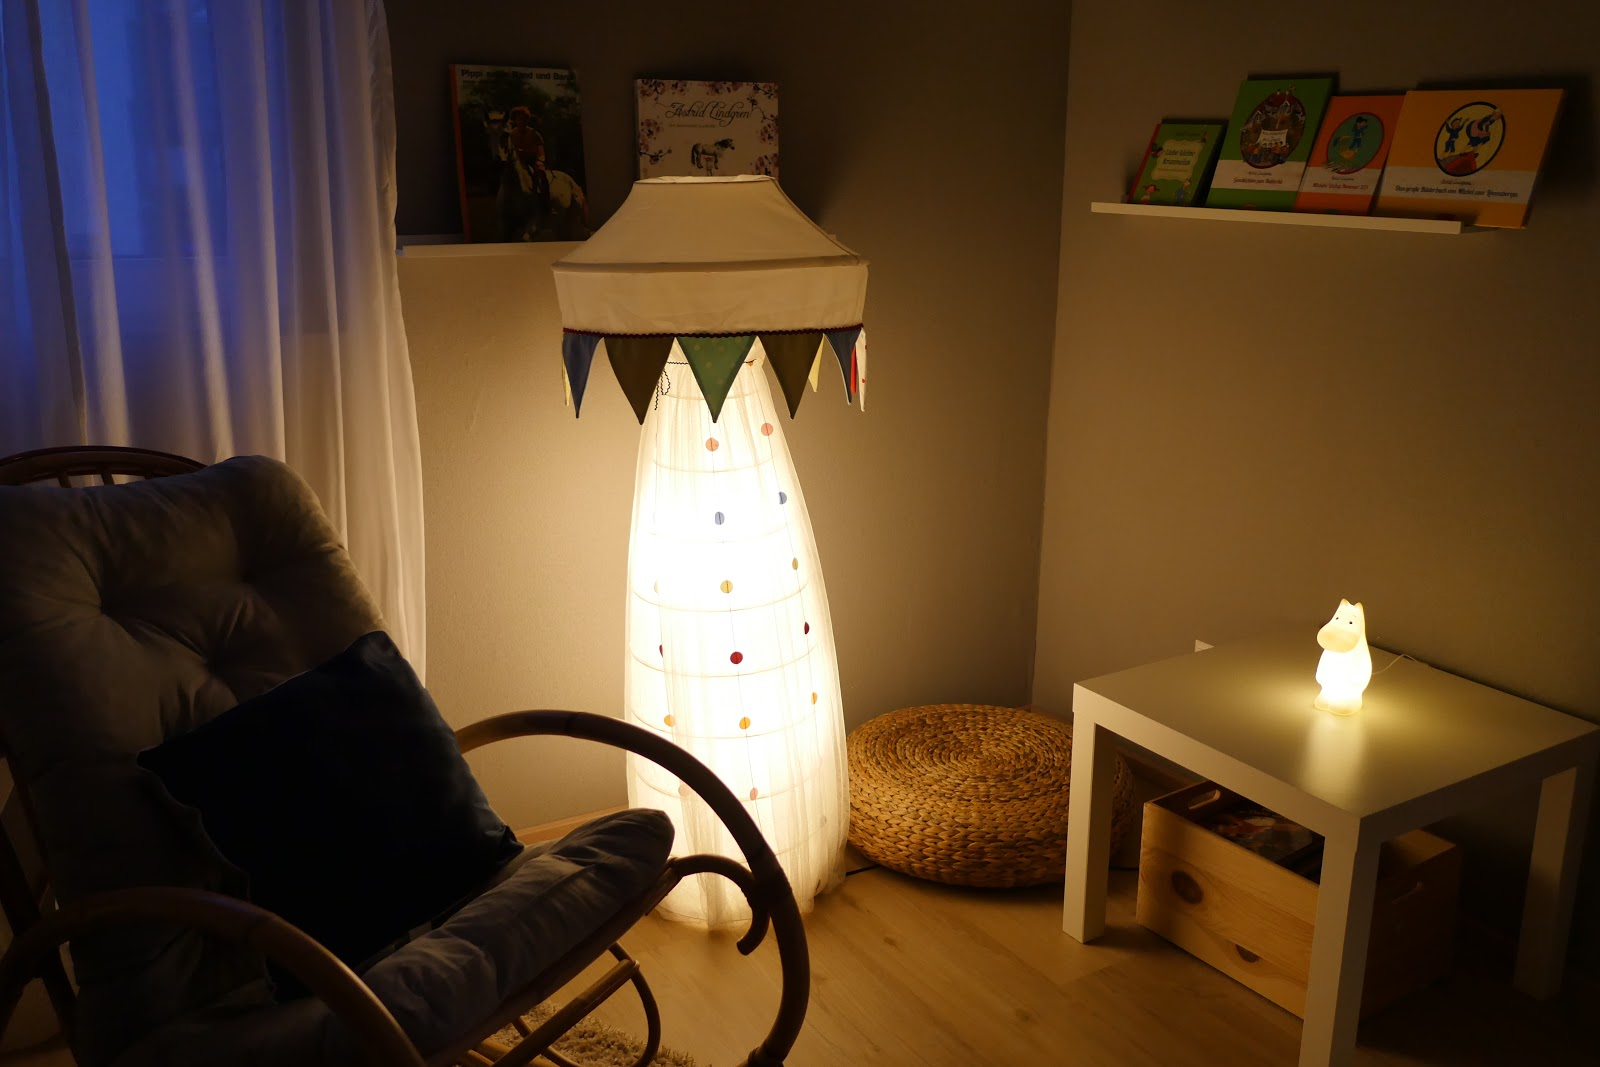 Full Size of Stehlampe Kinderzimmer Ikea Hack Frs Regale Regal Weiß Sofa Stehlampen Wohnzimmer Schlafzimmer Kinderzimmer Stehlampe Kinderzimmer